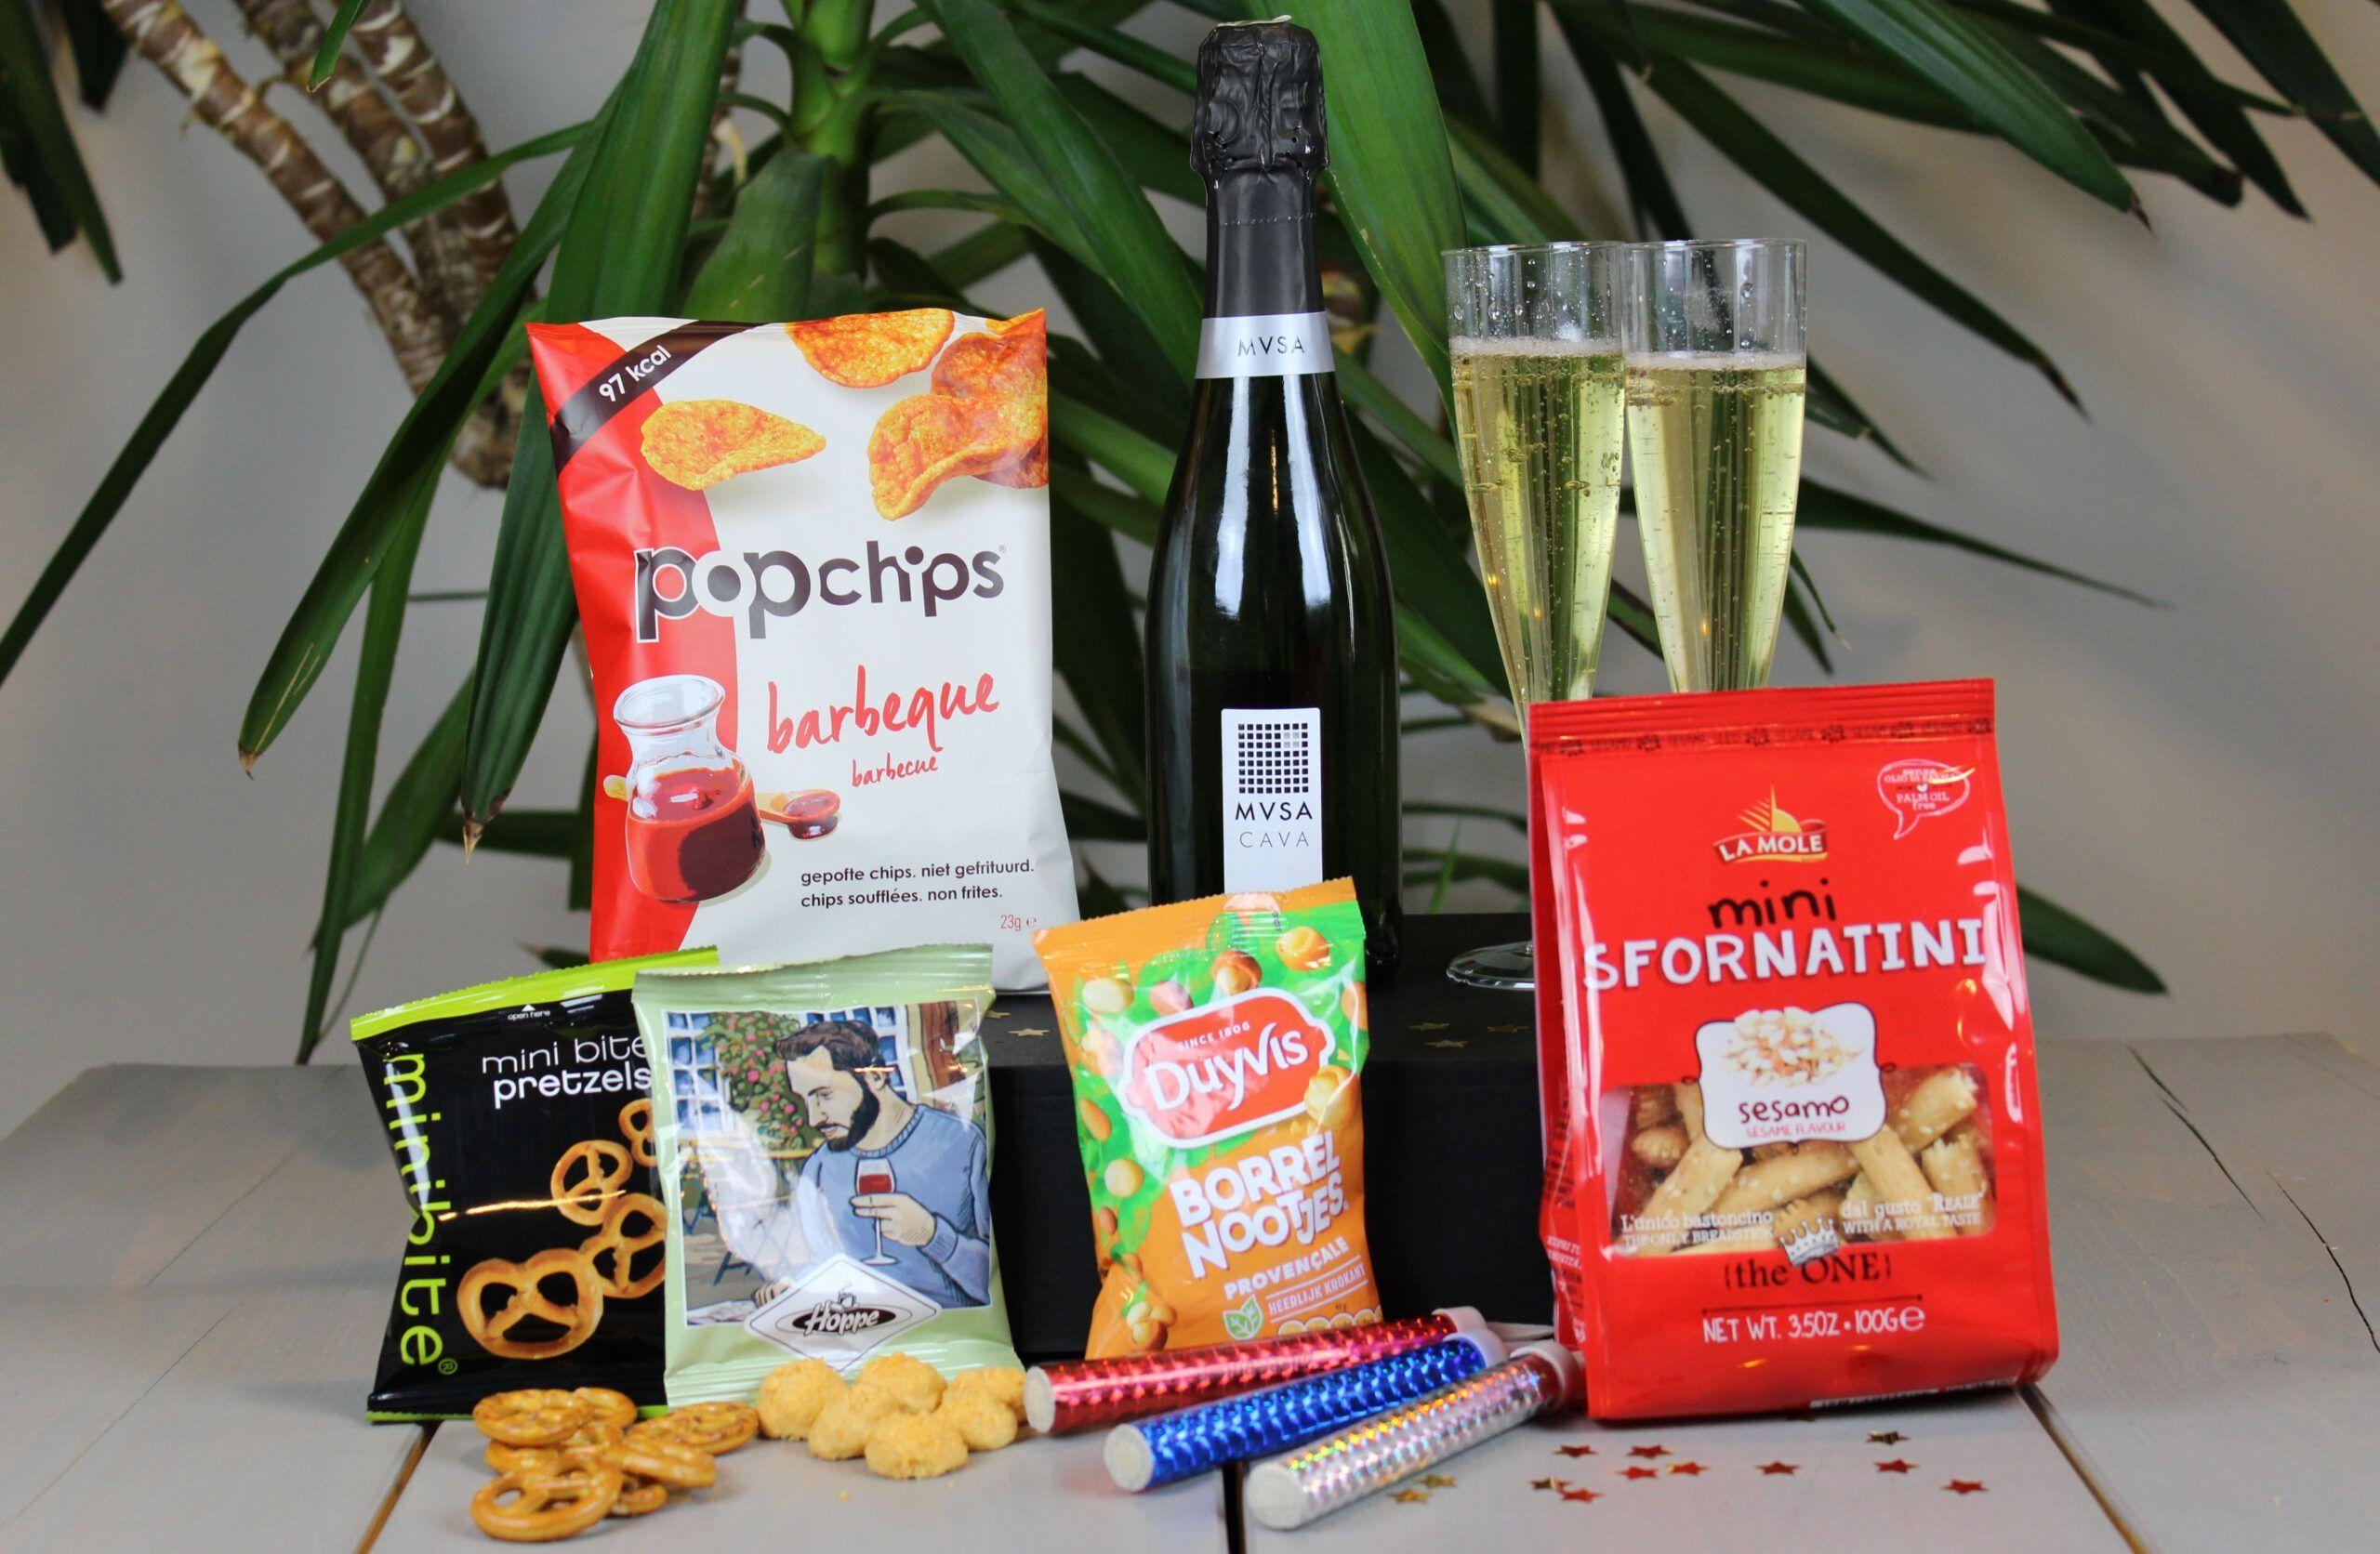 Lets-party-proostbox-2persoons-online-nieuwjaarsborrelbox-2-nieuwjaarsreceptie-borrelbox-proseccobox-prosecco-piccolo-online-event-proostbox-cheersbox-champagnebox-bubbelsbox